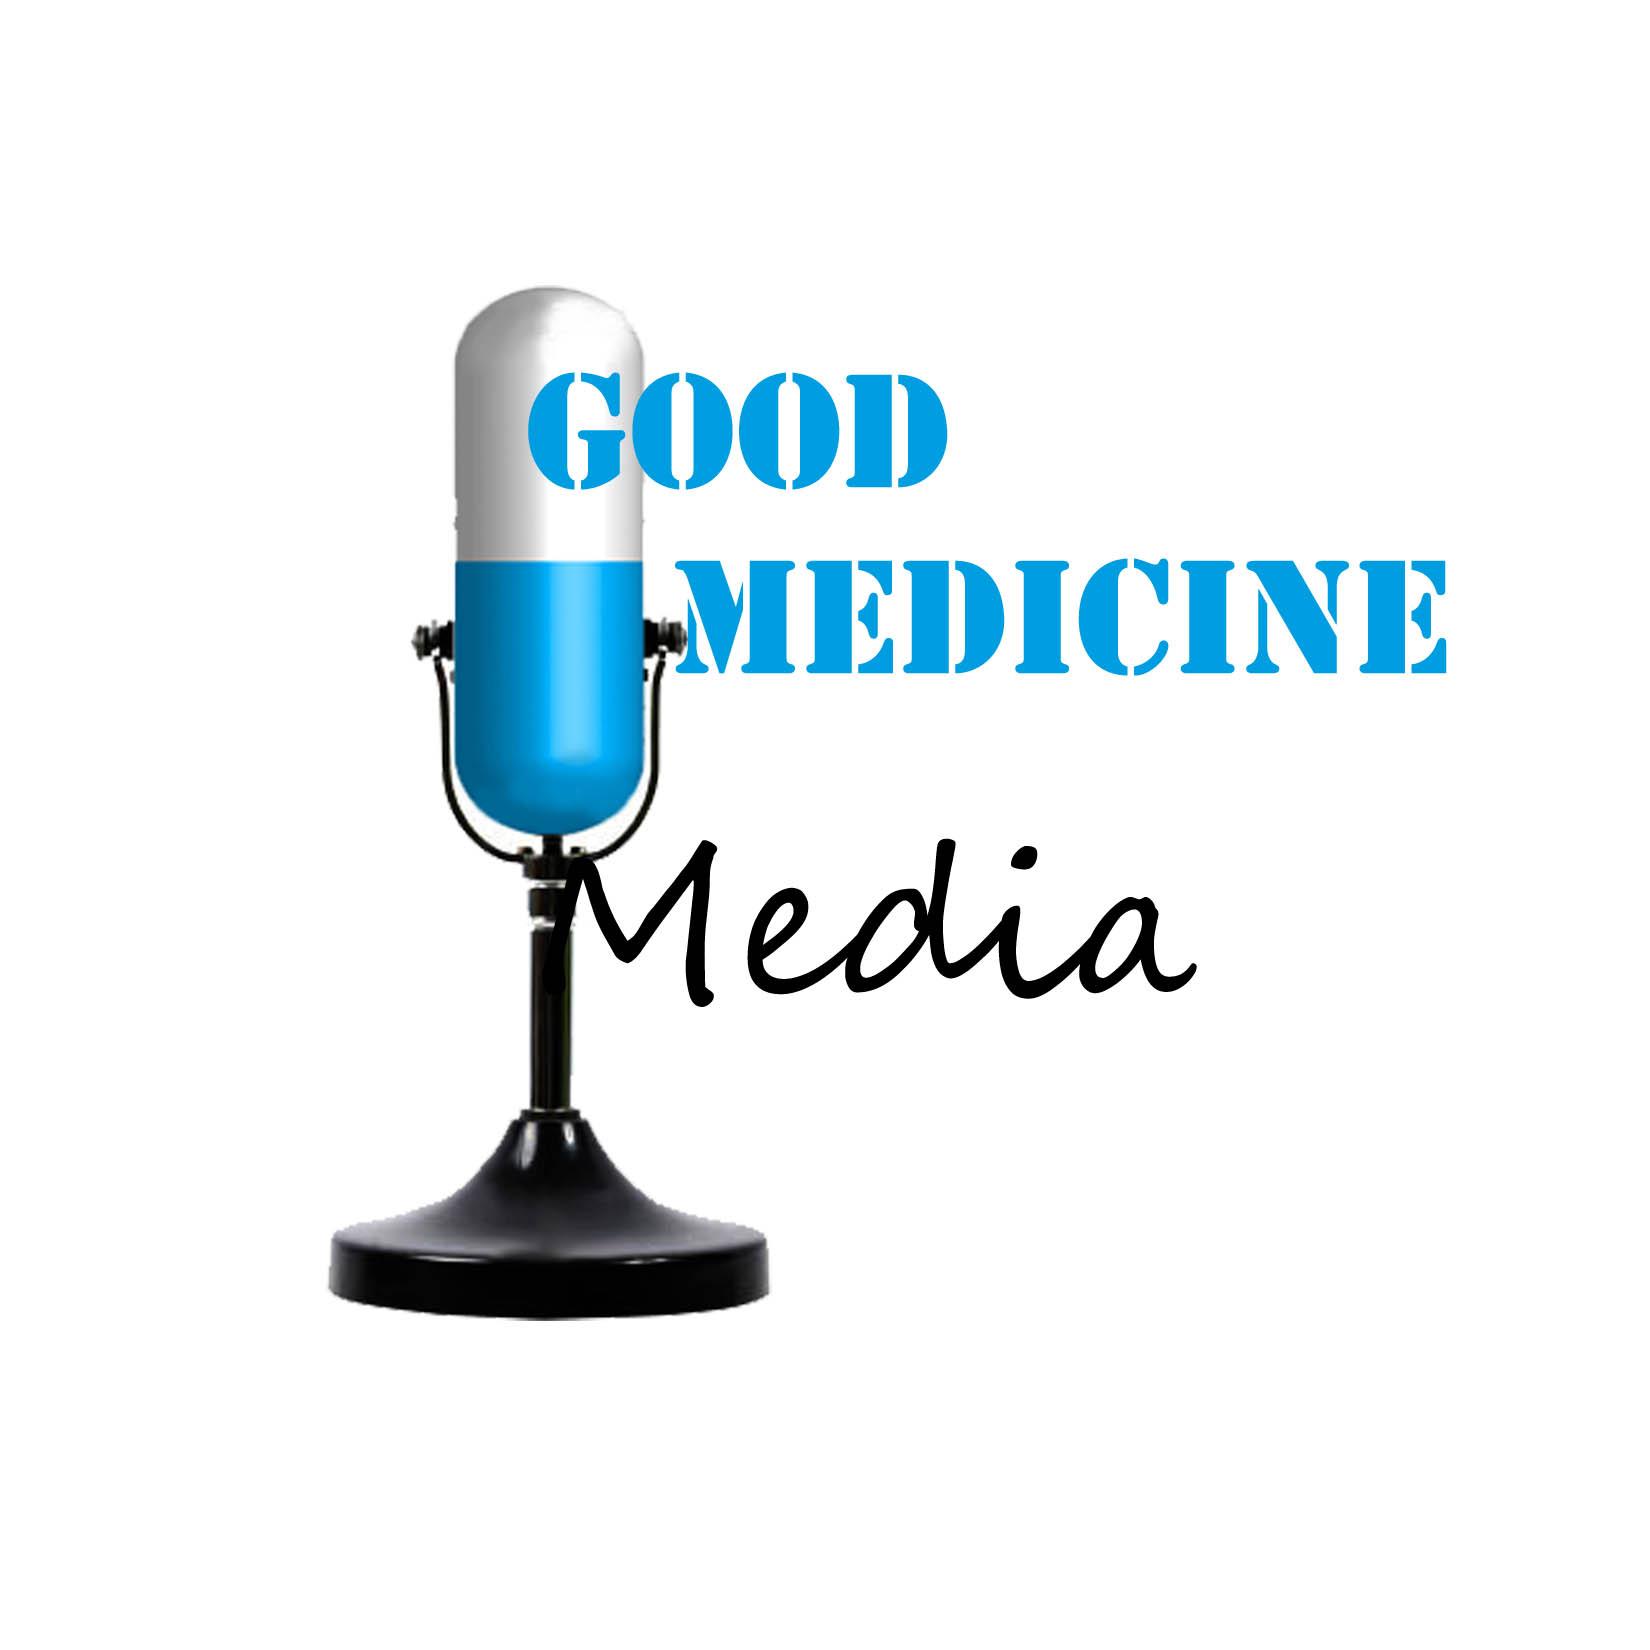 Logo Design by Rakia Raza - Entry No. 31 in the Logo Design Contest Good Medicine Media Logo Design.